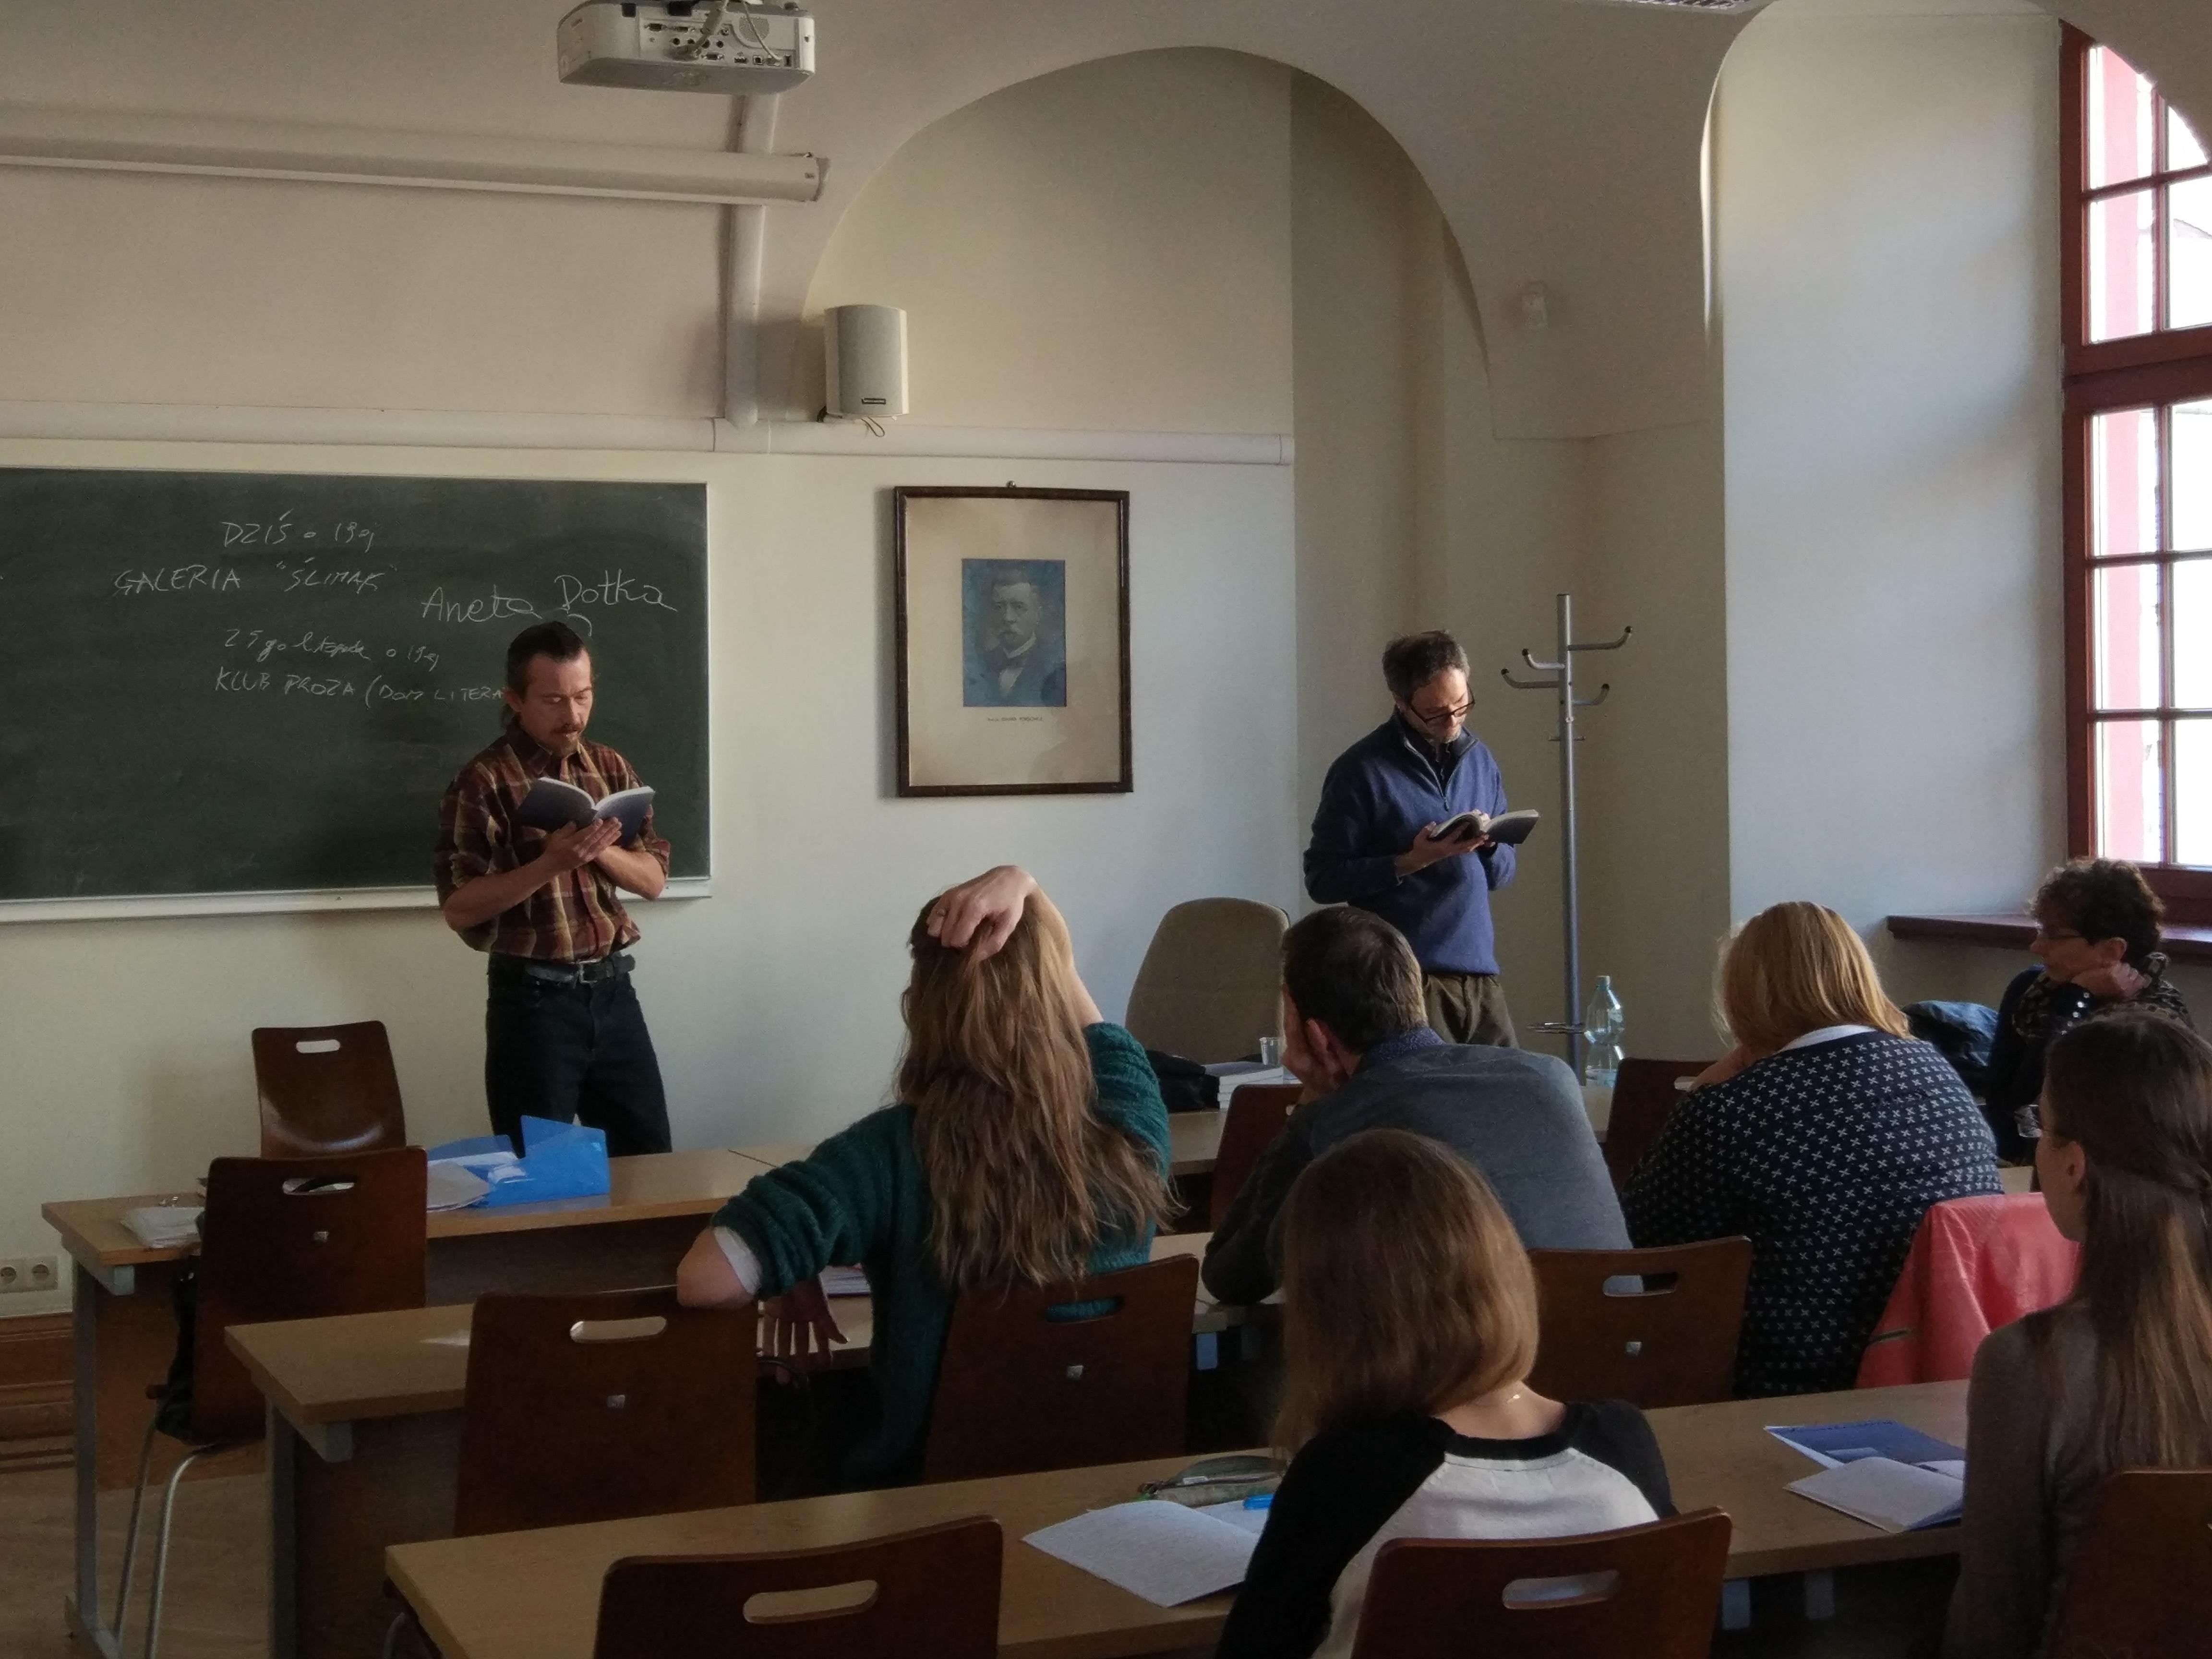 """Presentazione di """"Ścieżki nocy"""" presso l'Università di Breslavia insieme alla Prof.ssa Justyna Łukaszewicz e al coà-traduttore Krzysztof Wrona (con me nella foto) (novembre 2016)."""